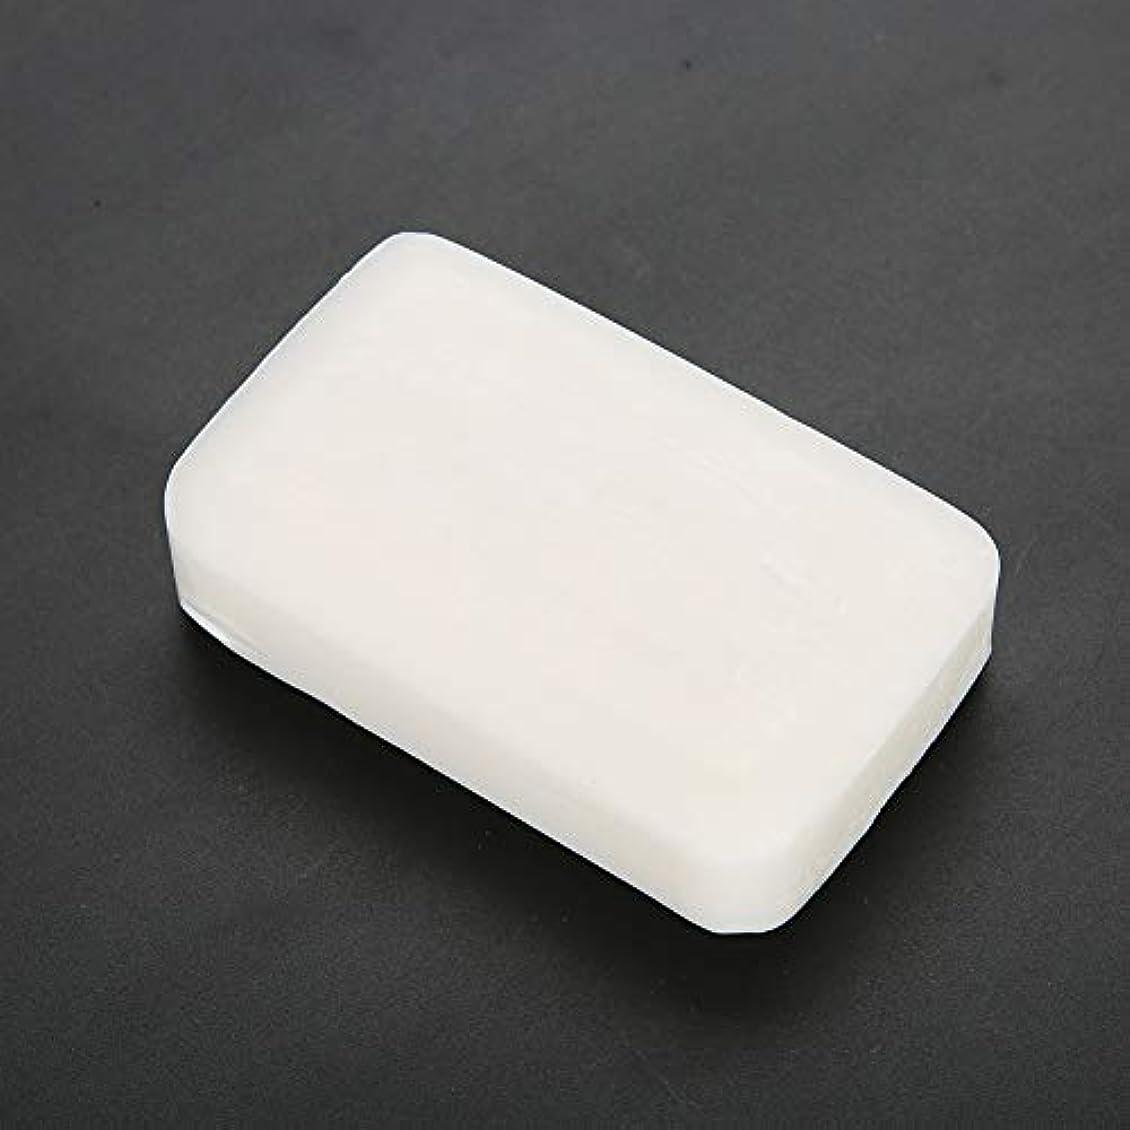 悪意のある月治世豊富な泡を白くする 栄養を与える 顔 ボディ洗浄 100g エキス 美の石鹸